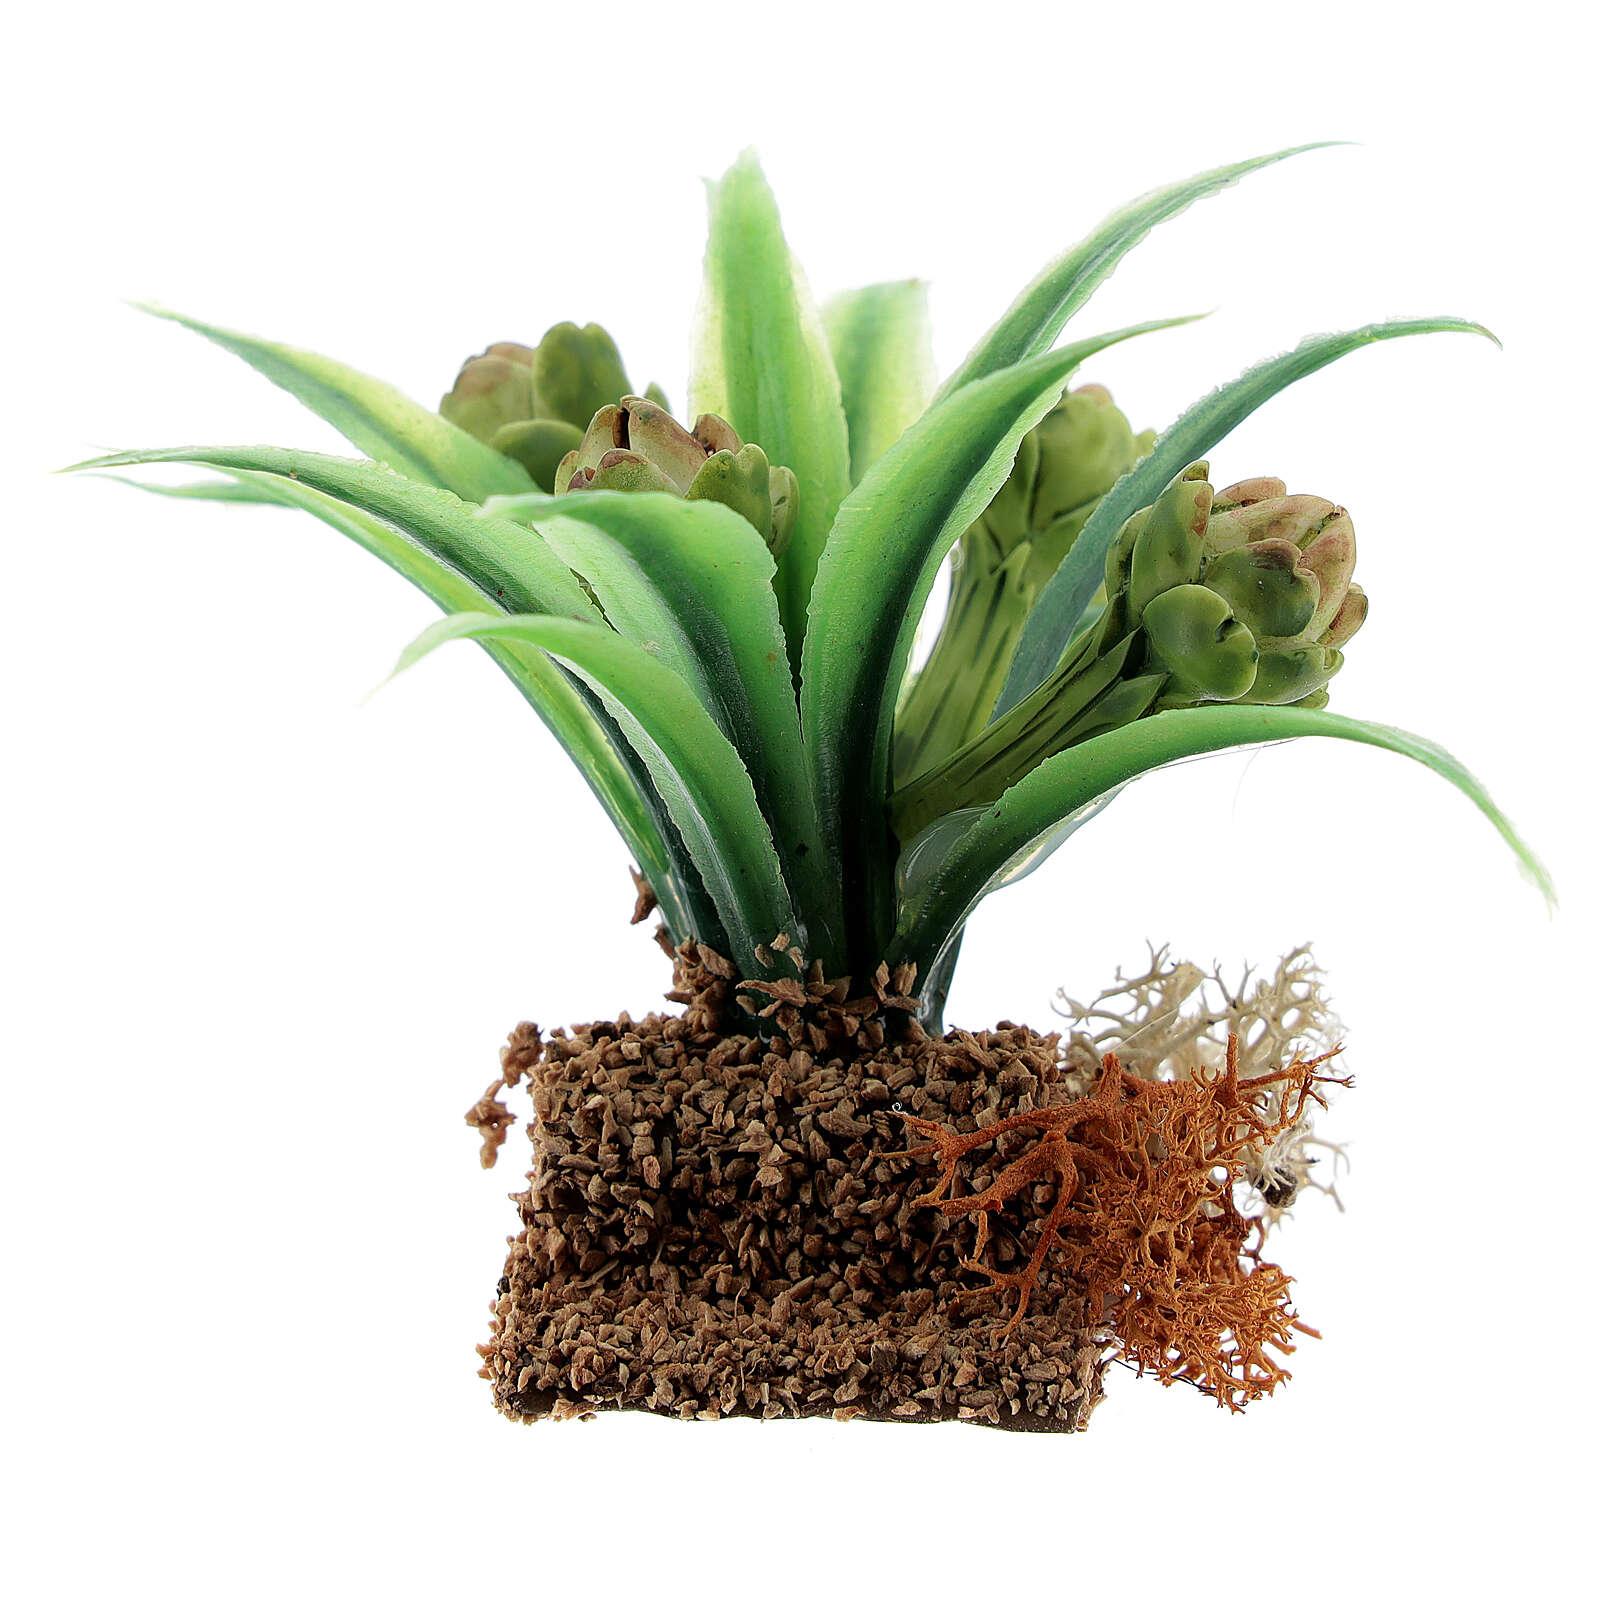 Artichoke plant for Nativity Scene with 12-14 cm figurines 4